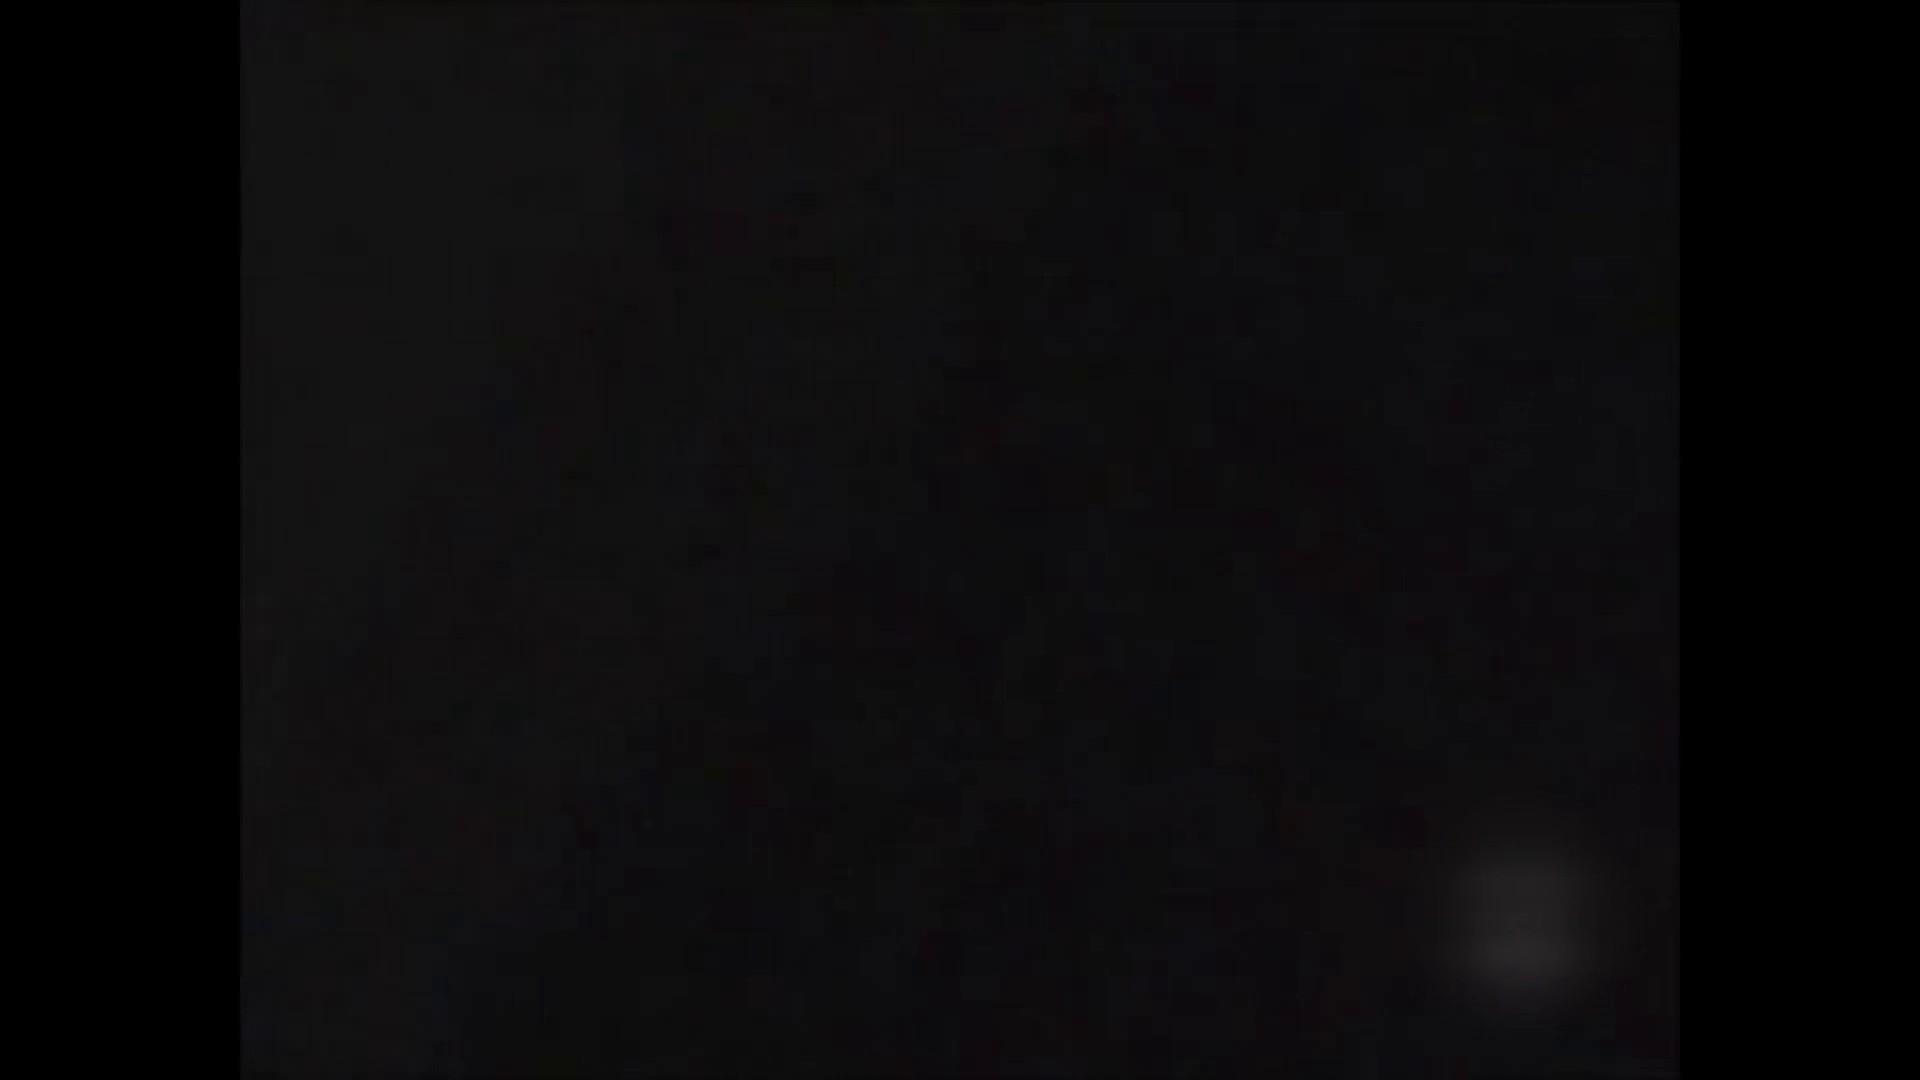 闇の性獣 レ●プ闇の事件簿 企画 濡れ場動画紹介 52PIX 38